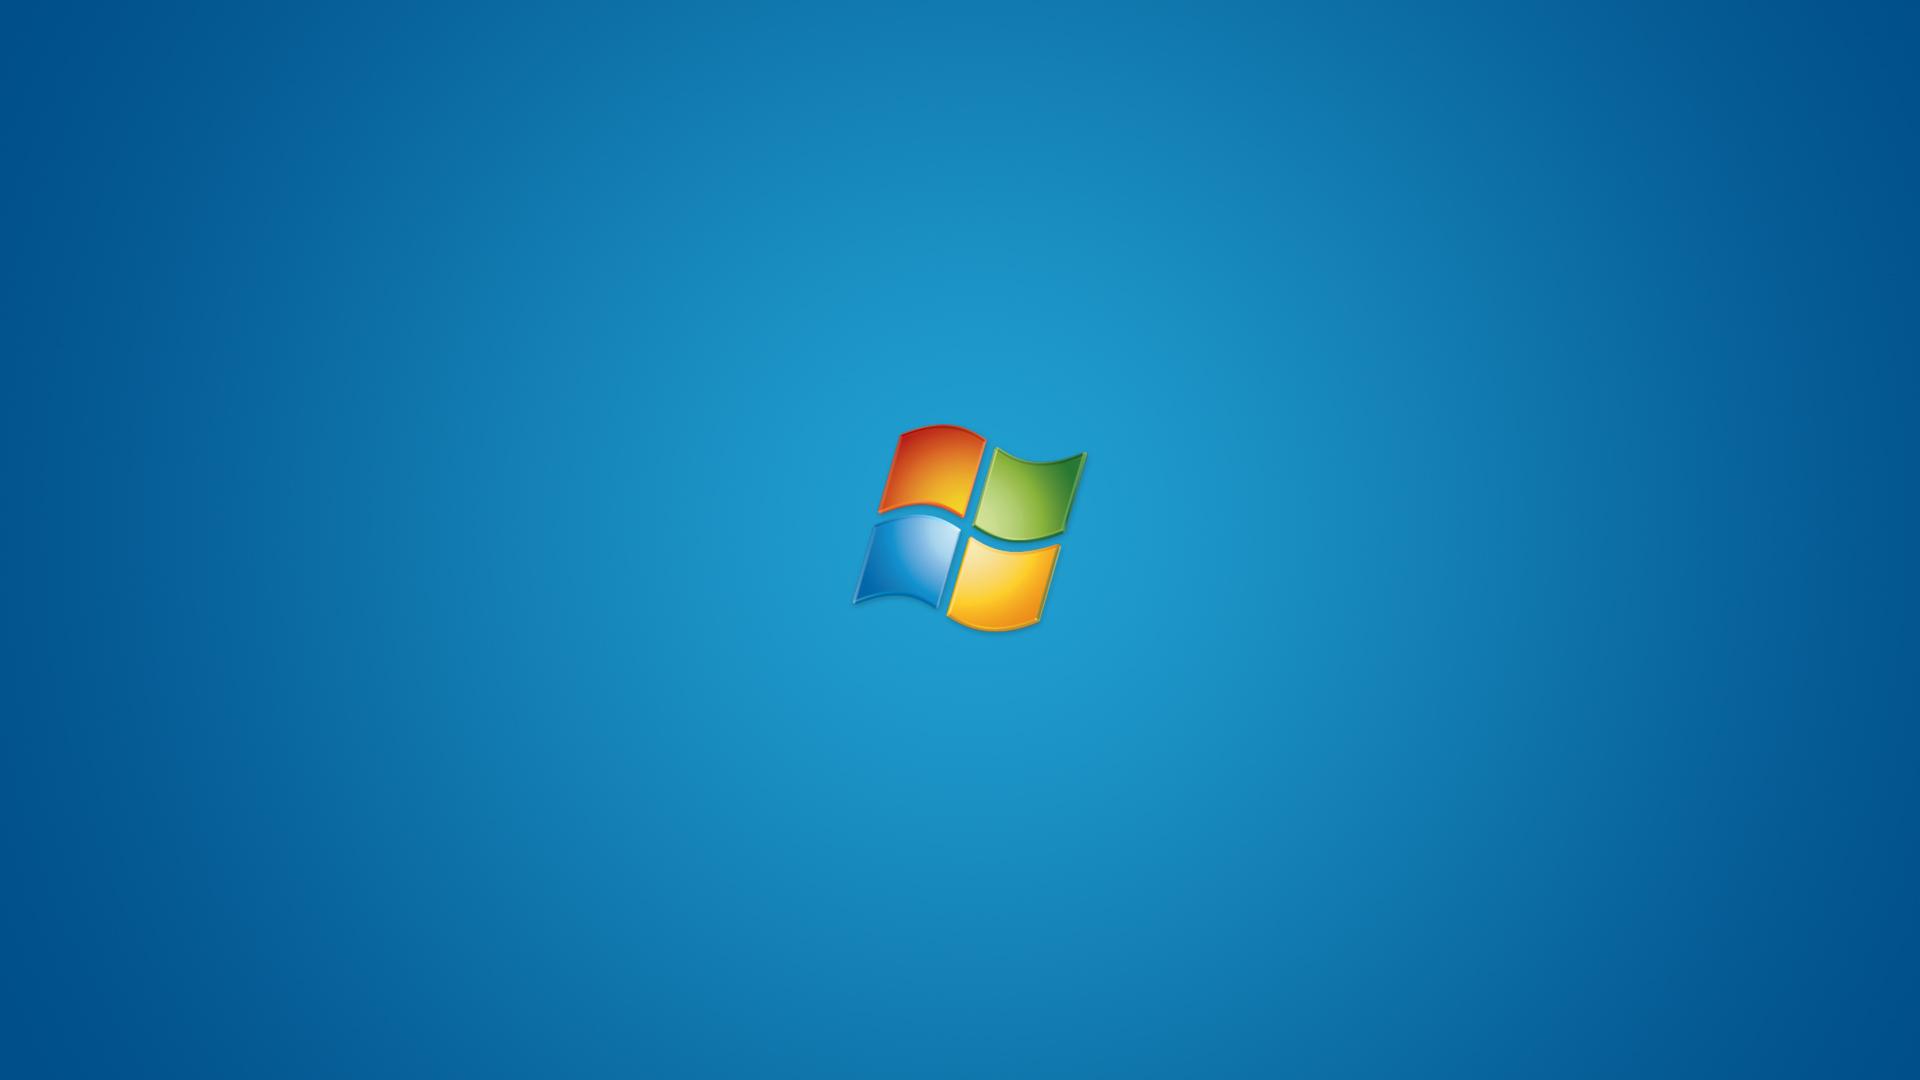 free microsoft desktop wallpaper hd